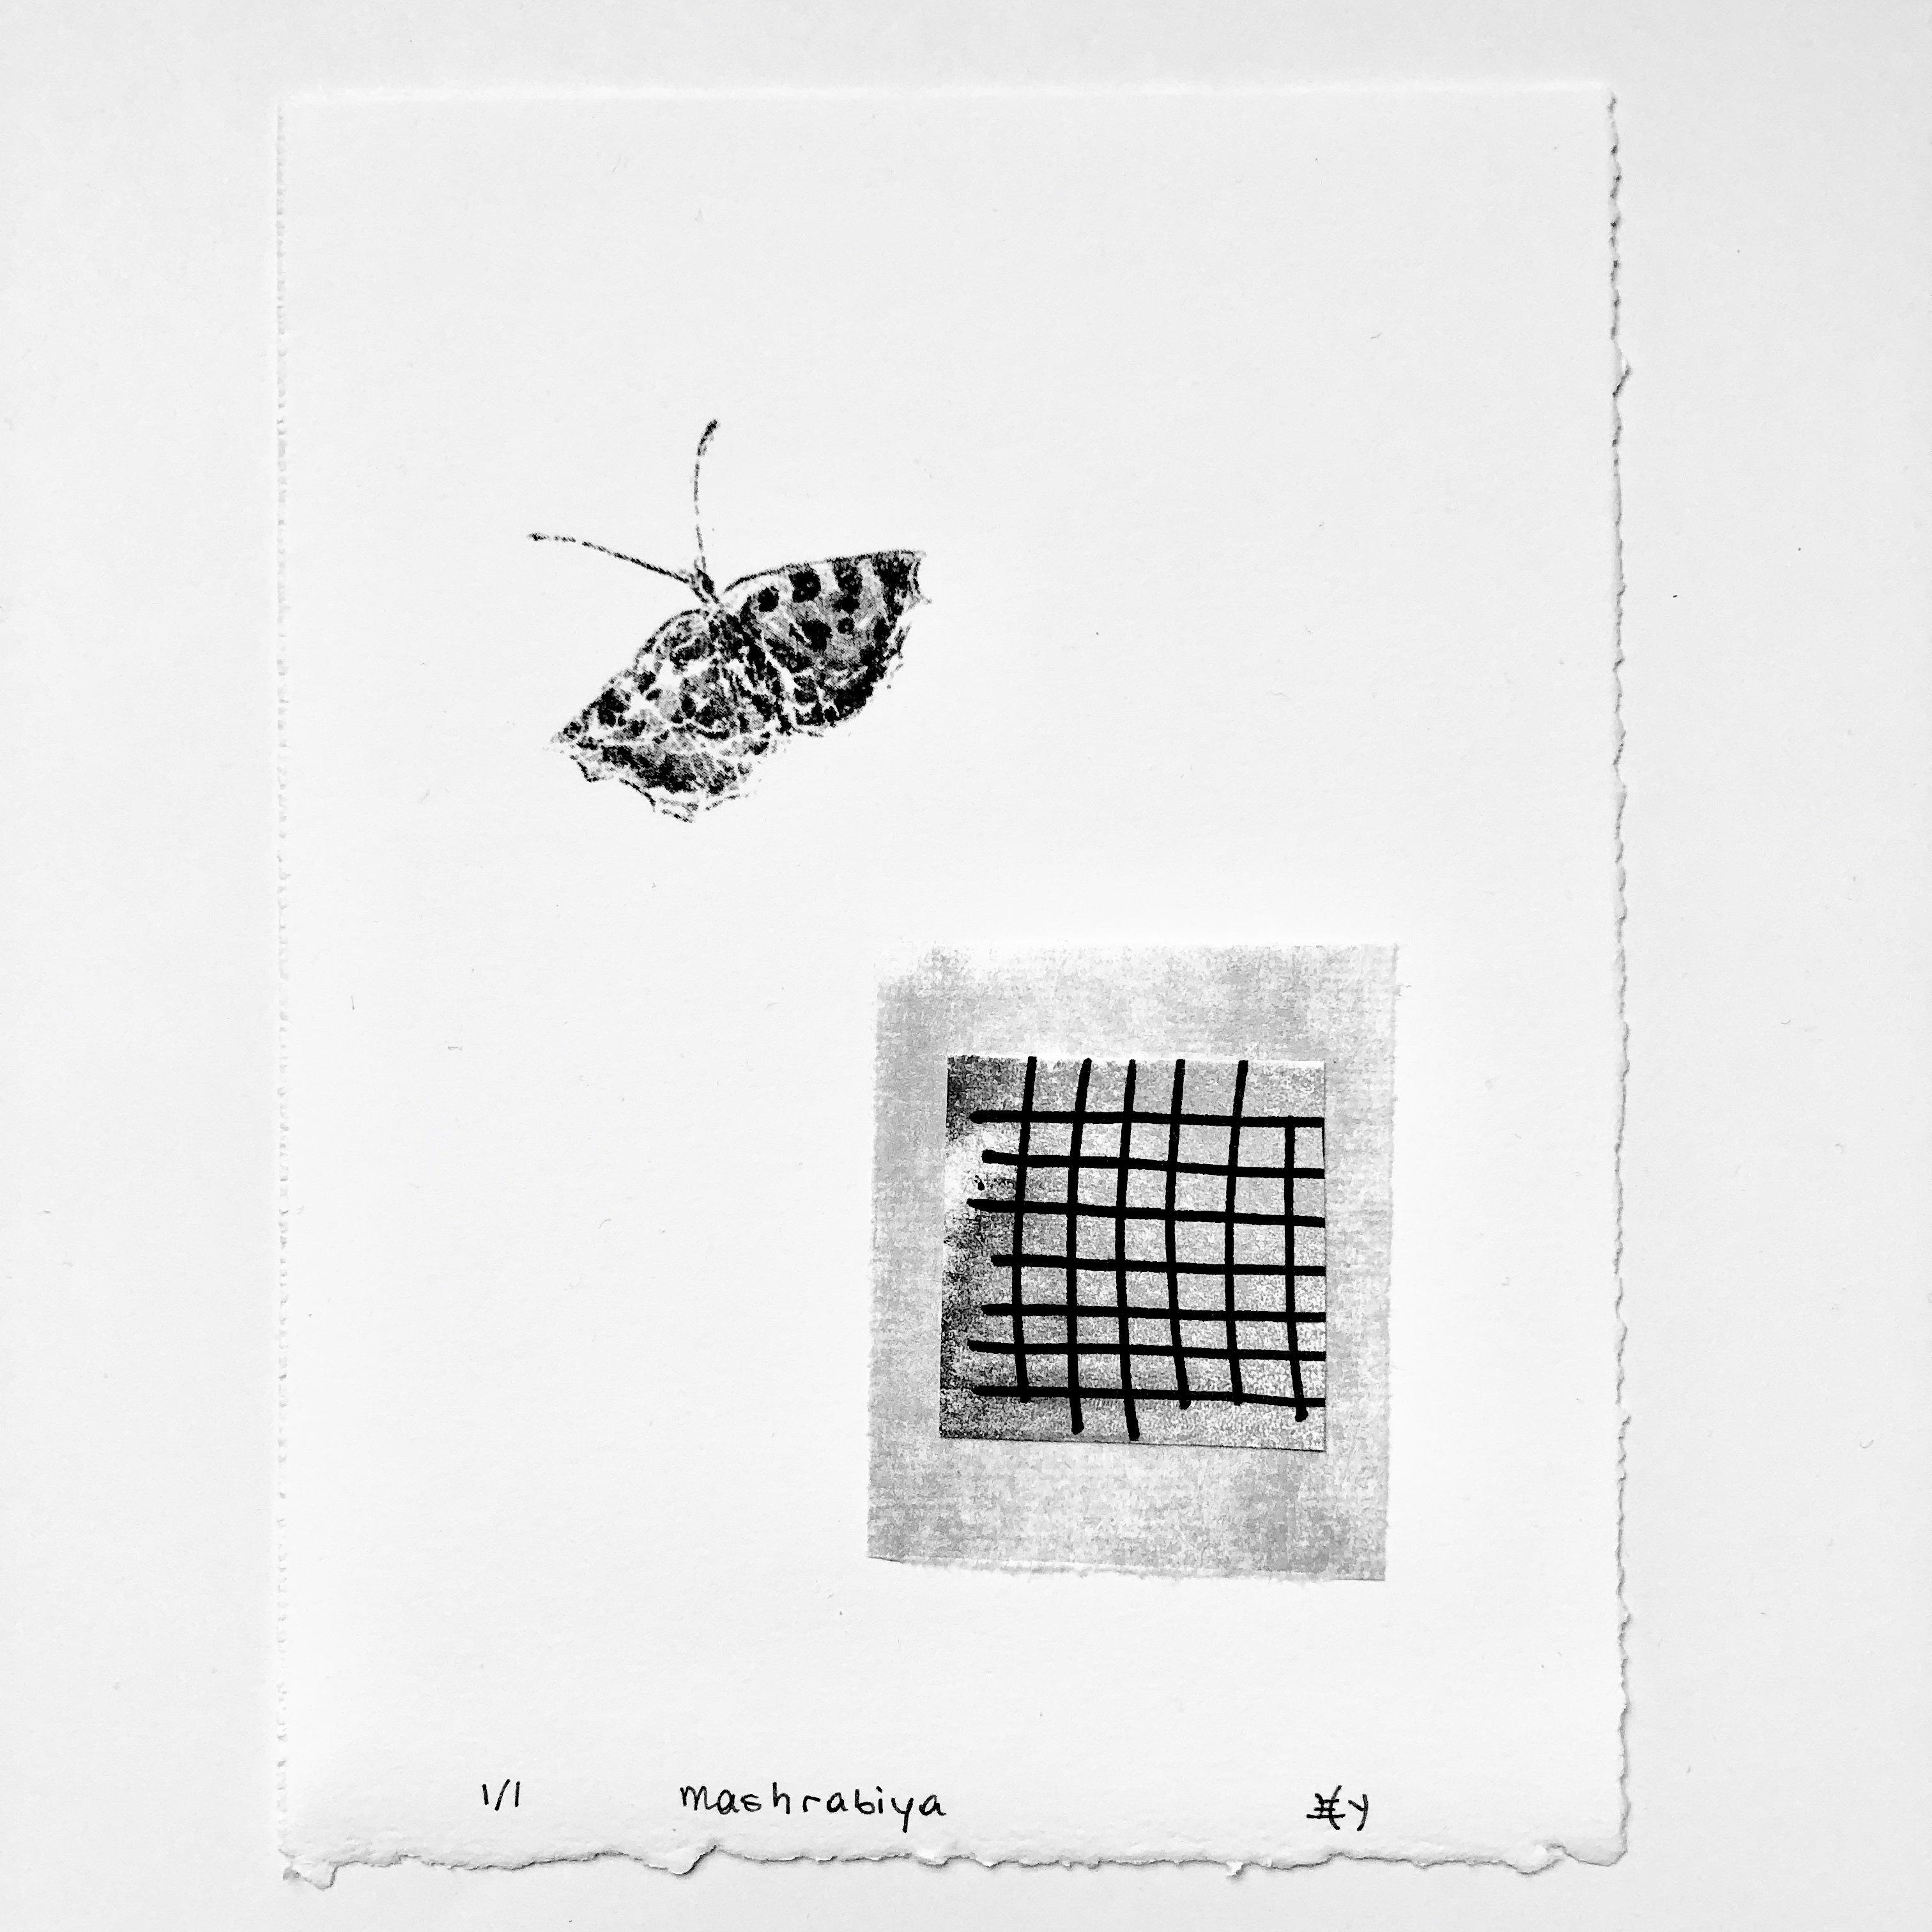 Mashrabiya - SOLD 00001